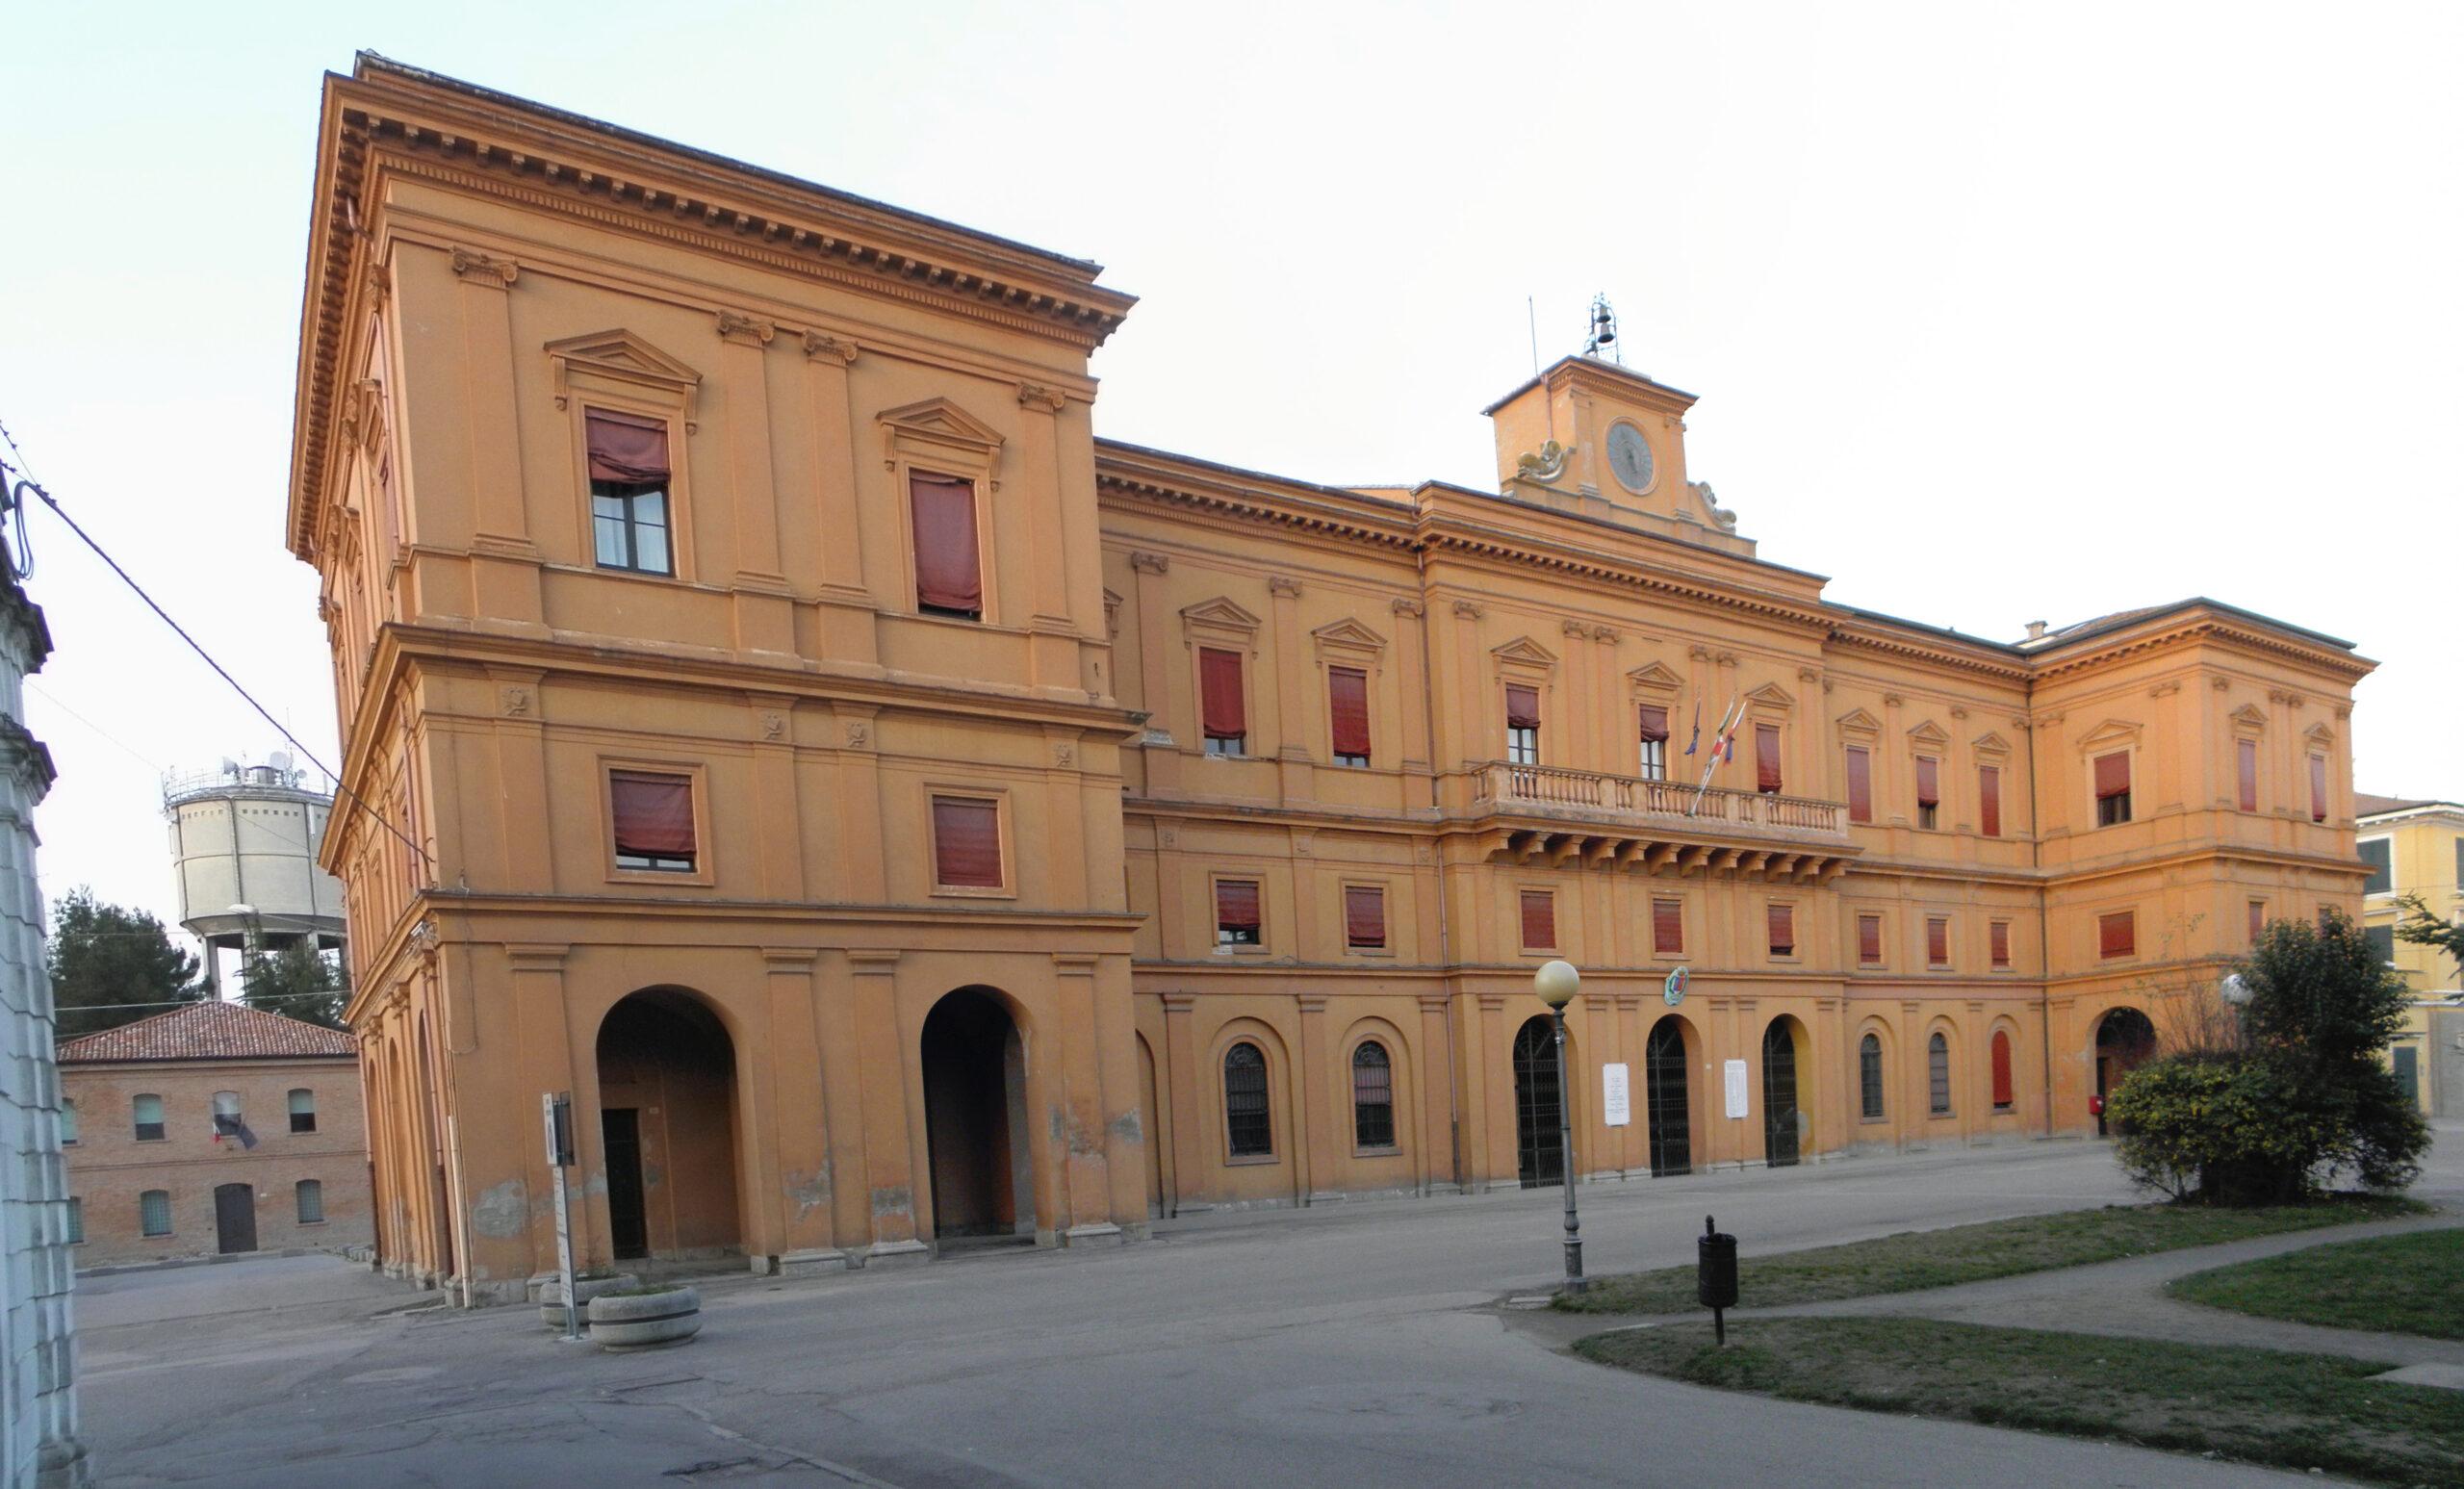 Palazzo_municipale_panoramica_Copparo-scaled-1.jpg